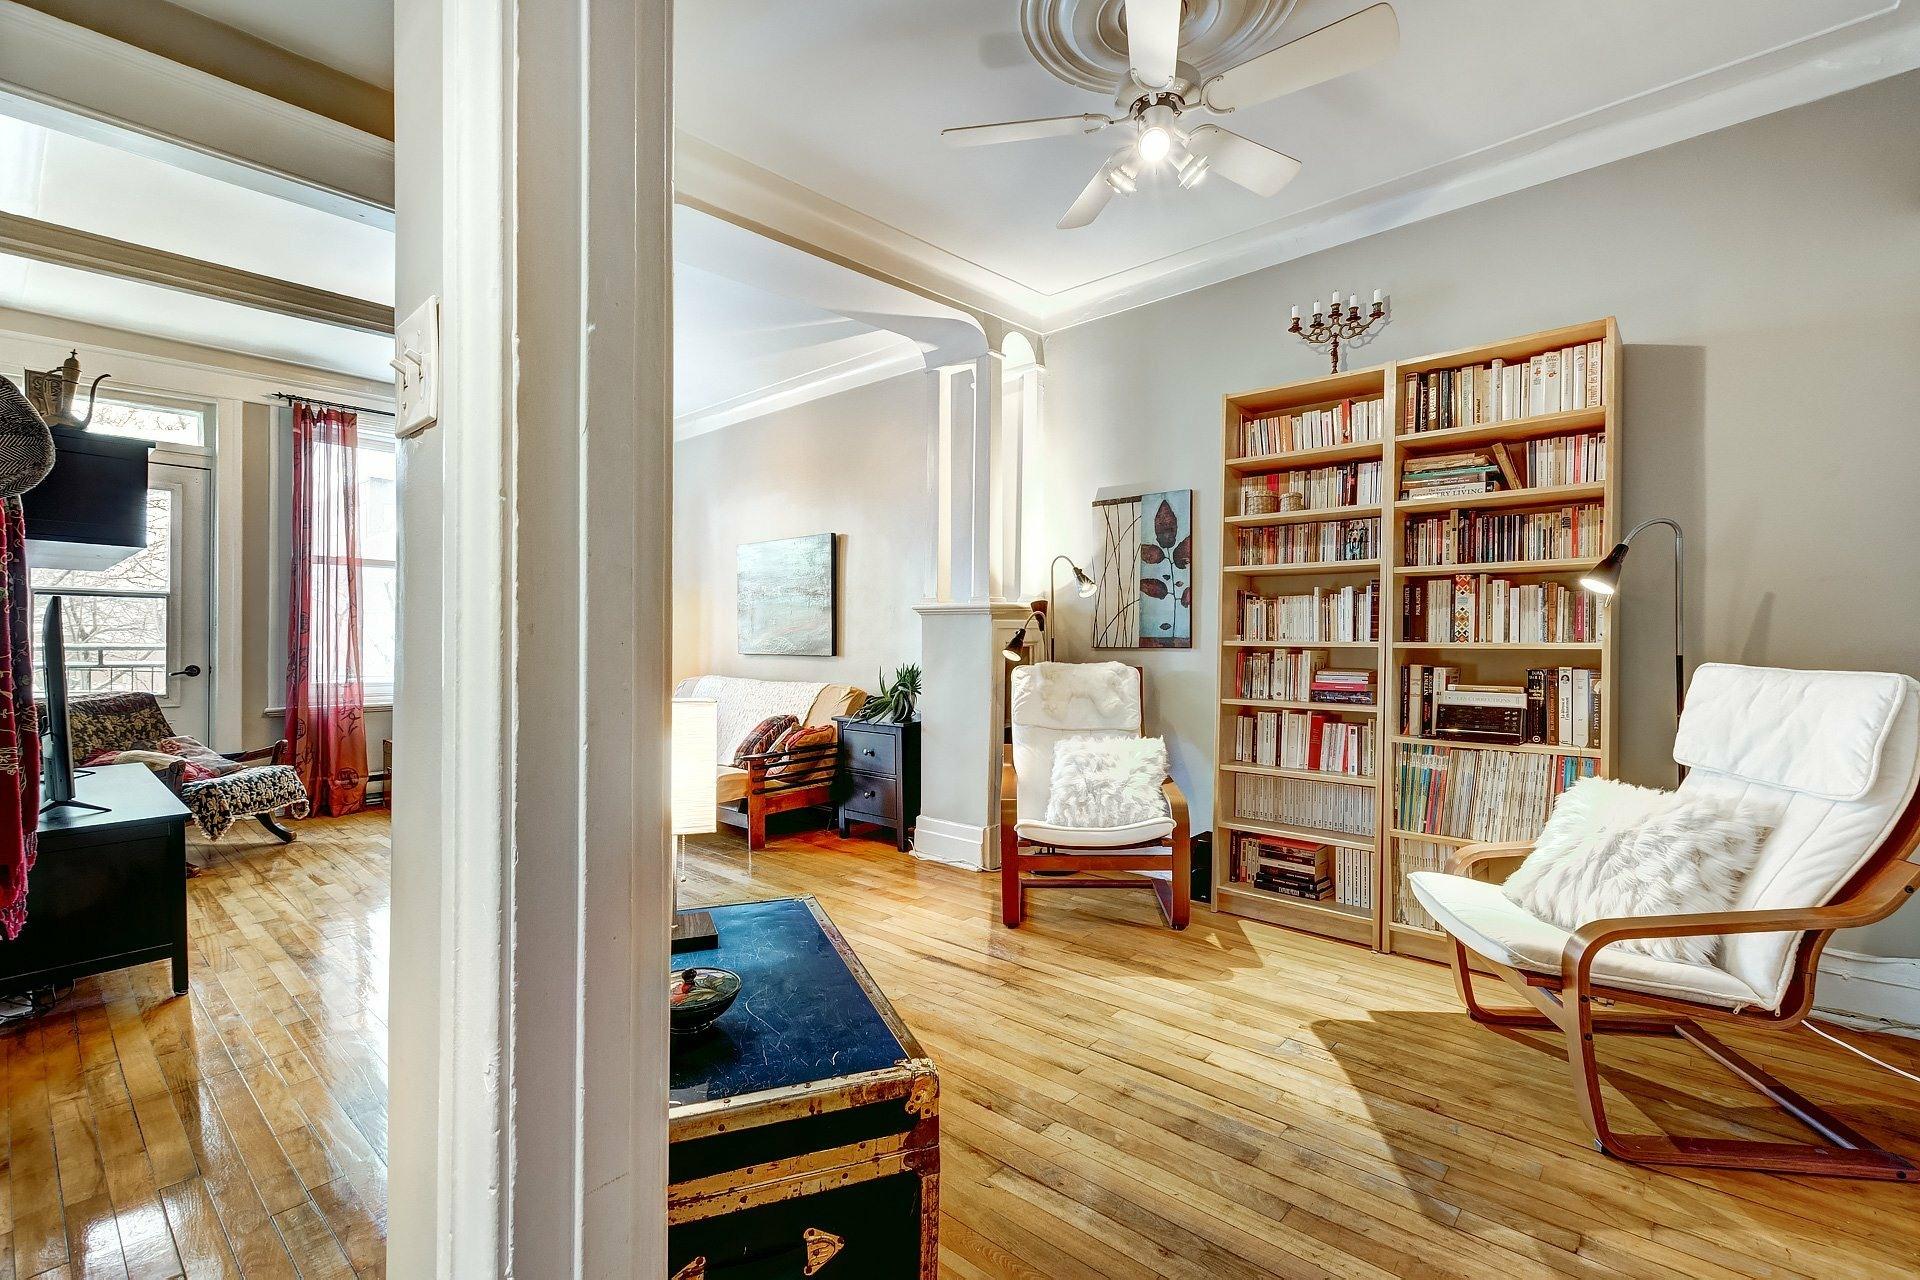 image 10 - Appartement À vendre Rosemont/La Petite-Patrie Montréal  - 7 pièces